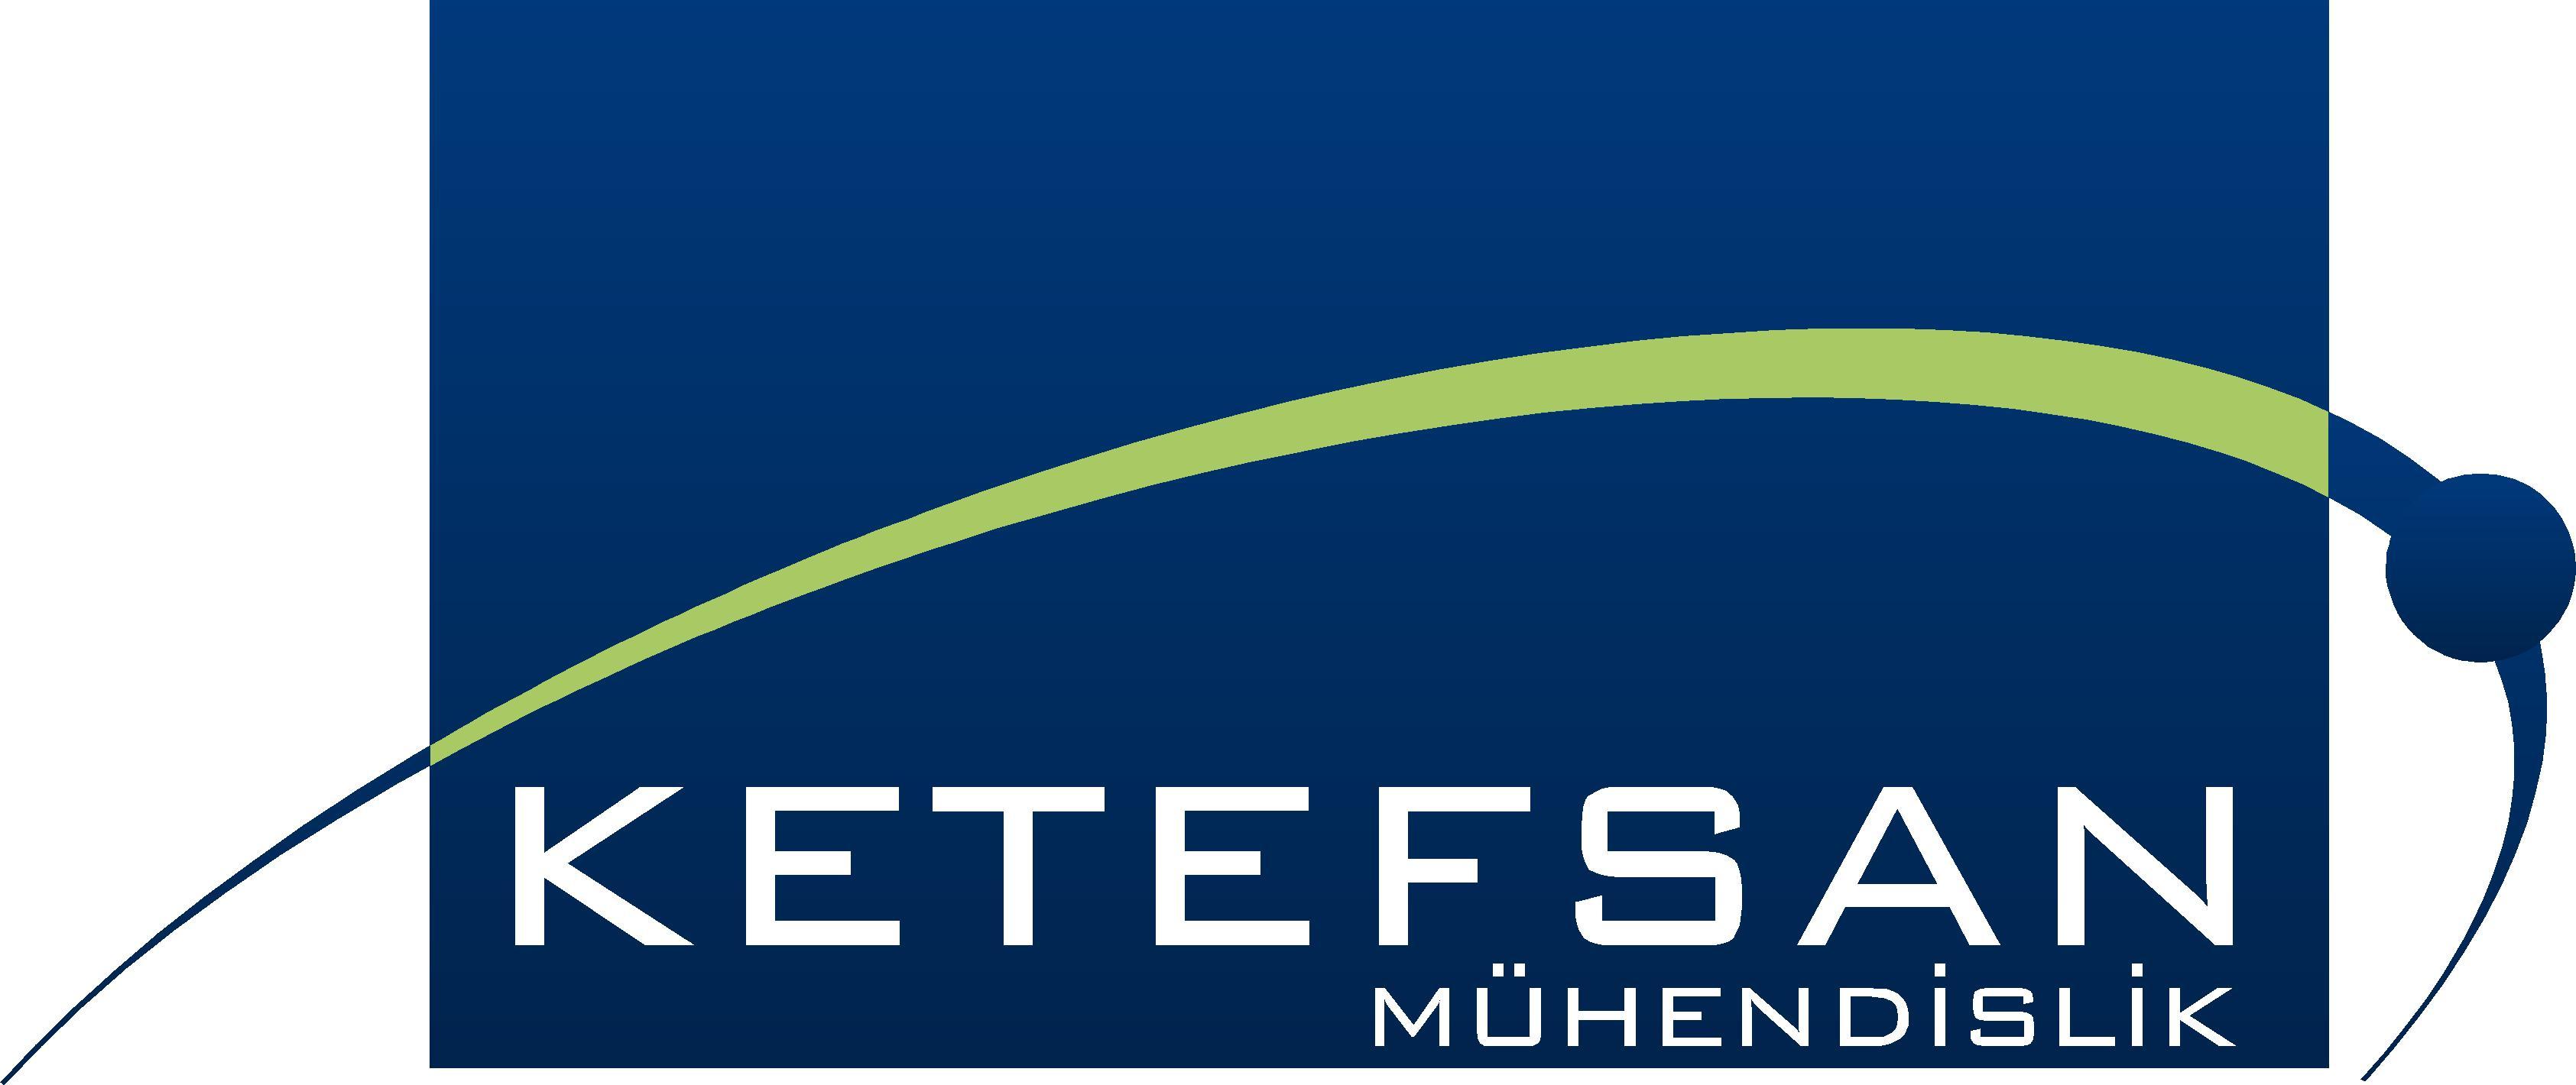 Ketefsan Mühendislik Sanayi Ve Ticaret Ltd.Şti., KETEFSAN